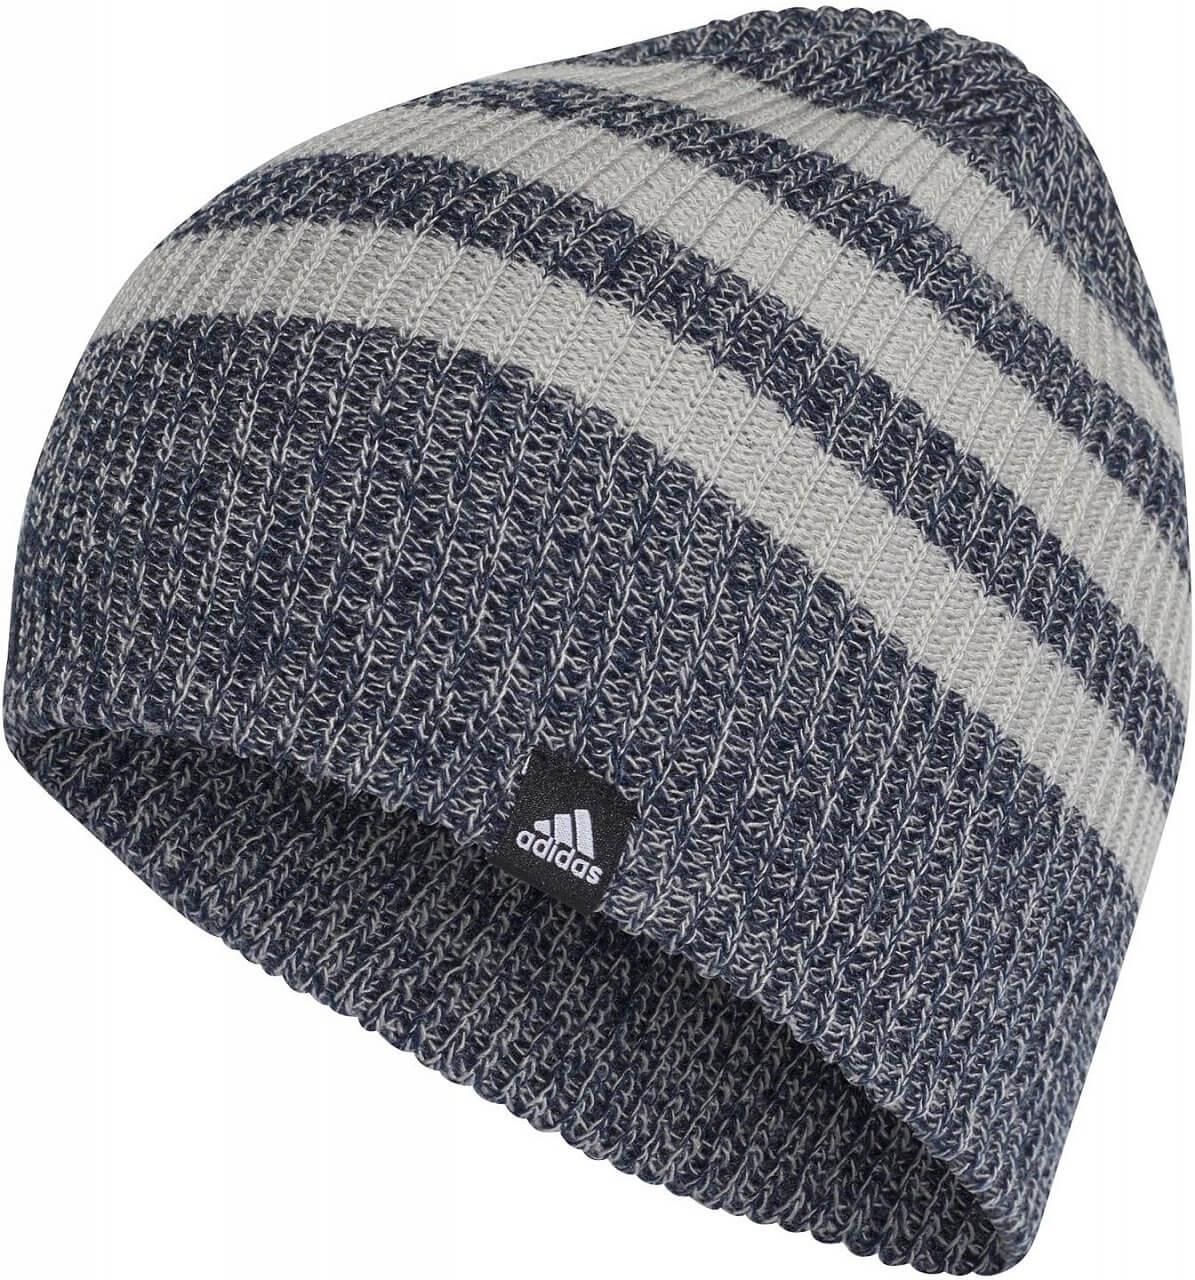 Čepice adidas 3 Stripes Beanie